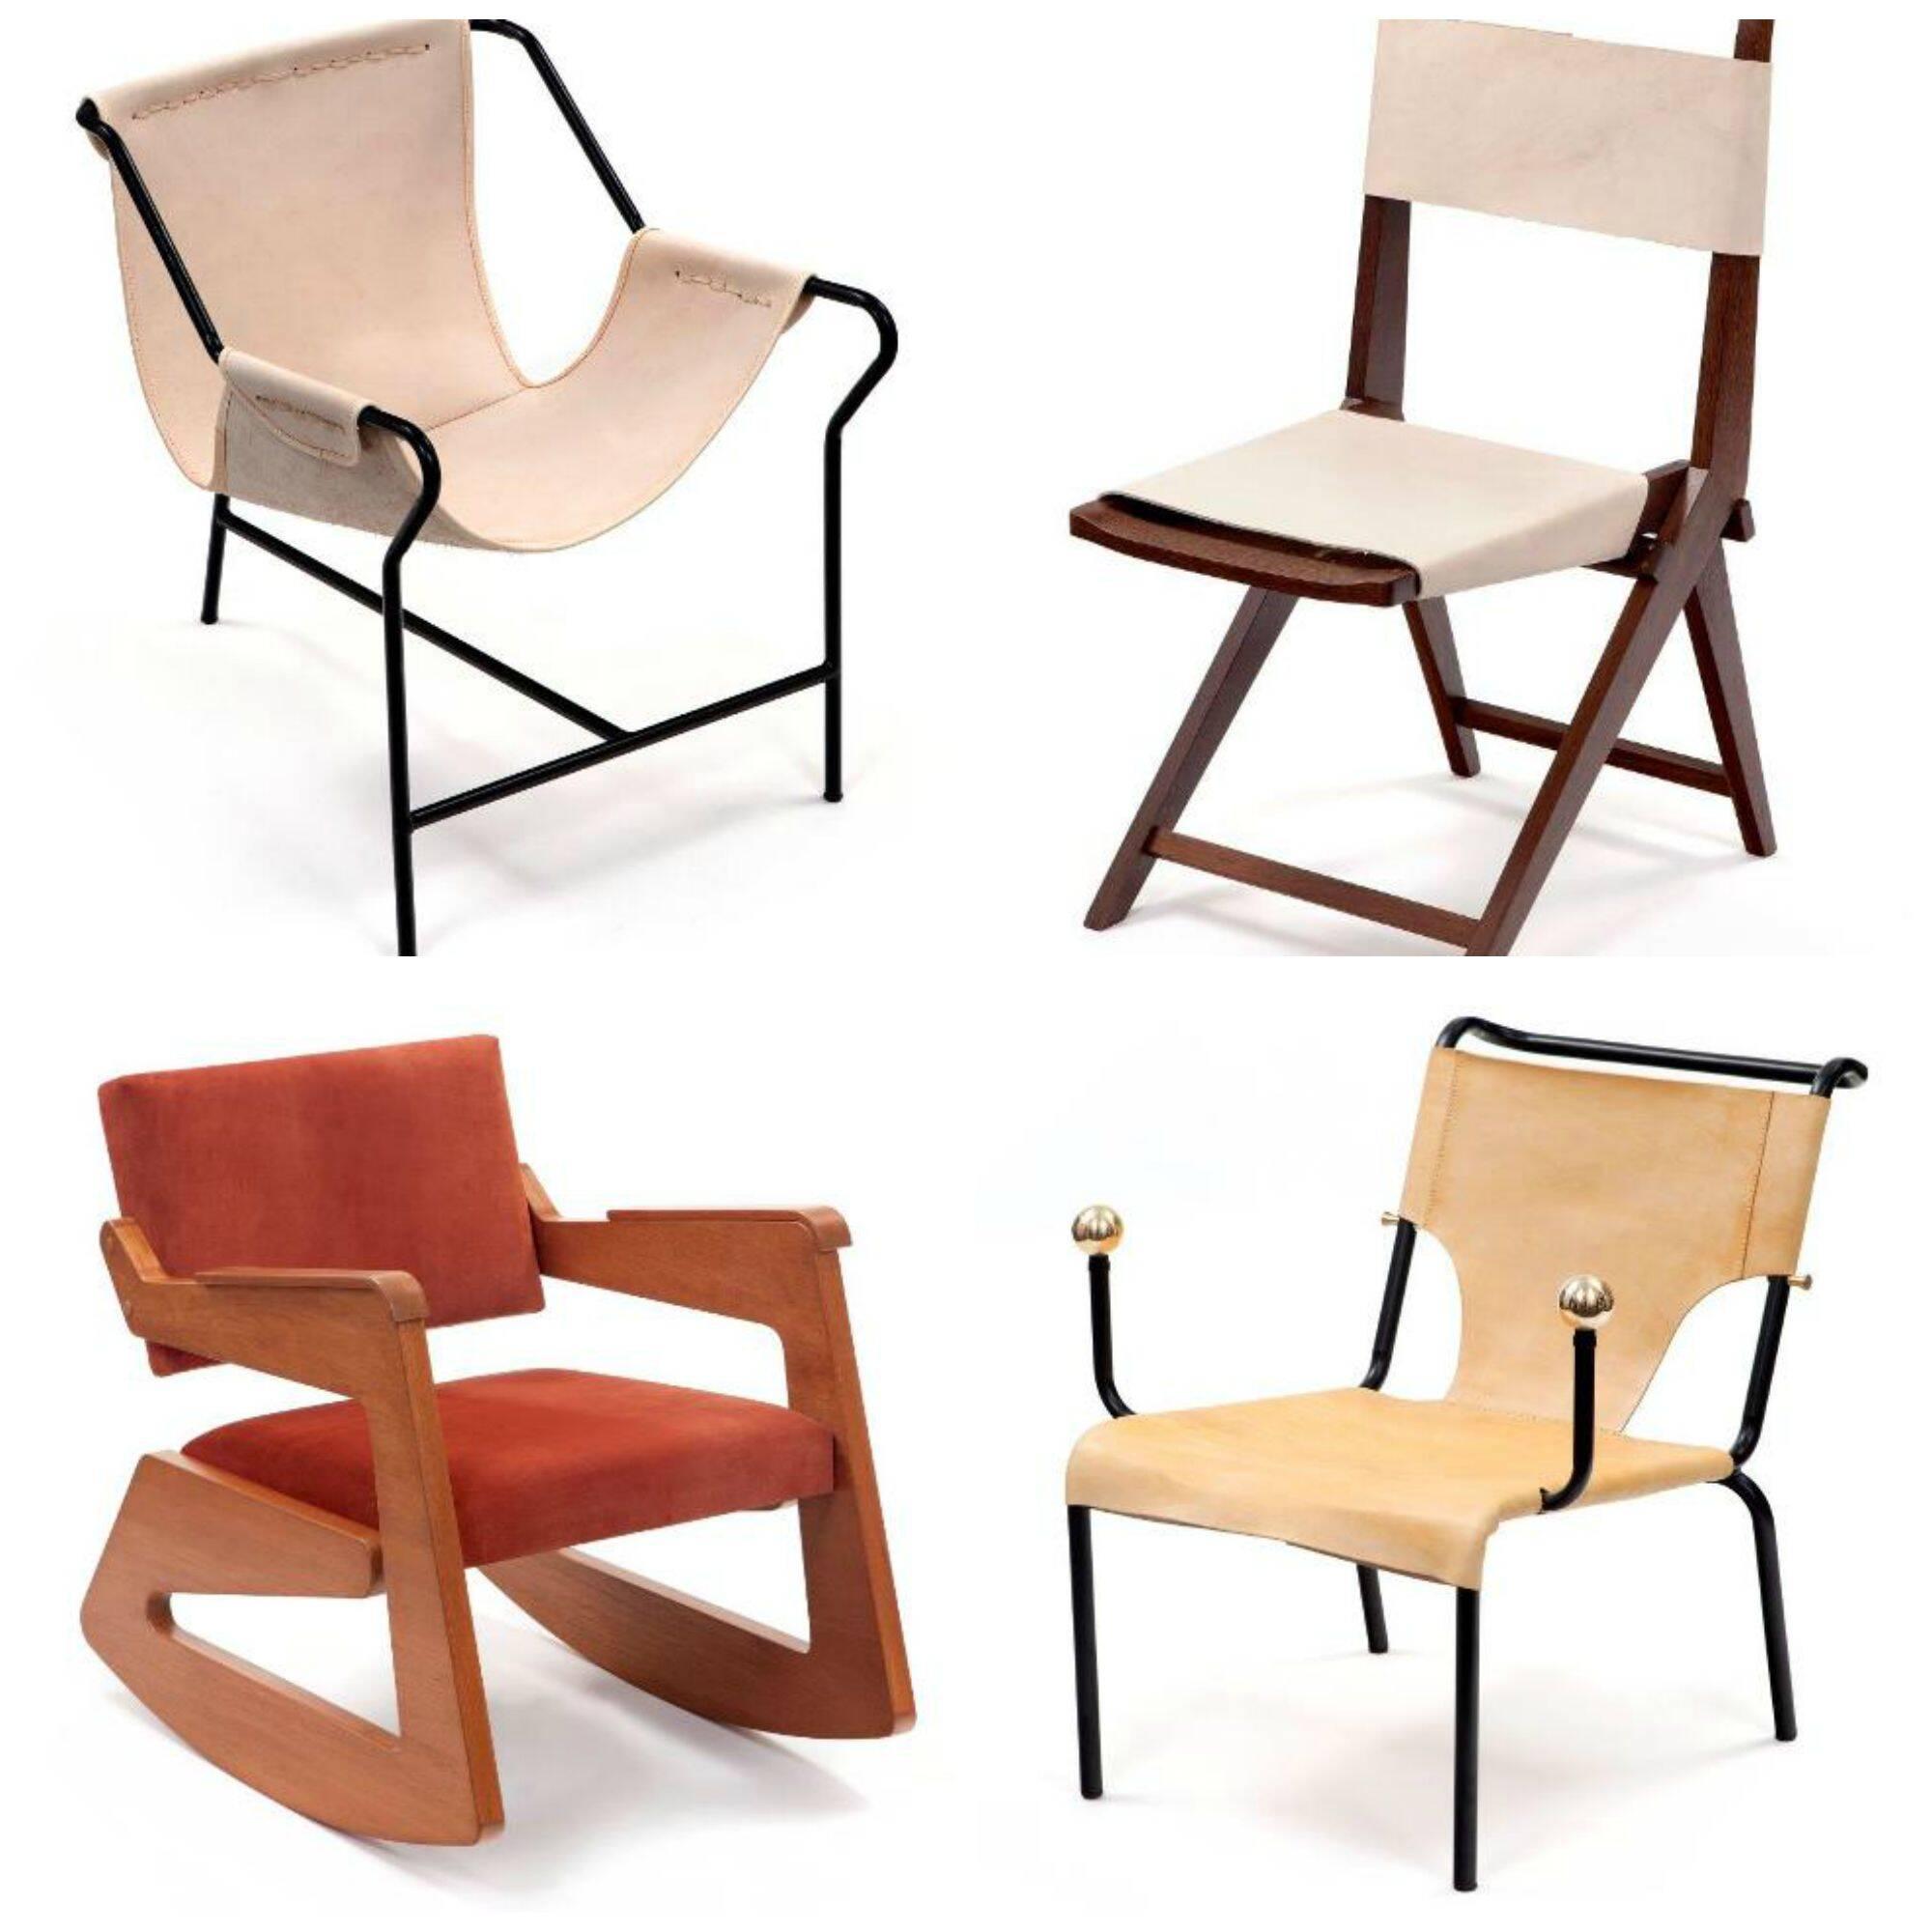 Em sentido horário, a poltrona Três Pés; a cadeira Masp; a cadeira Bolas de Latão; a poltrona de balanço/ Fotos: divulgação